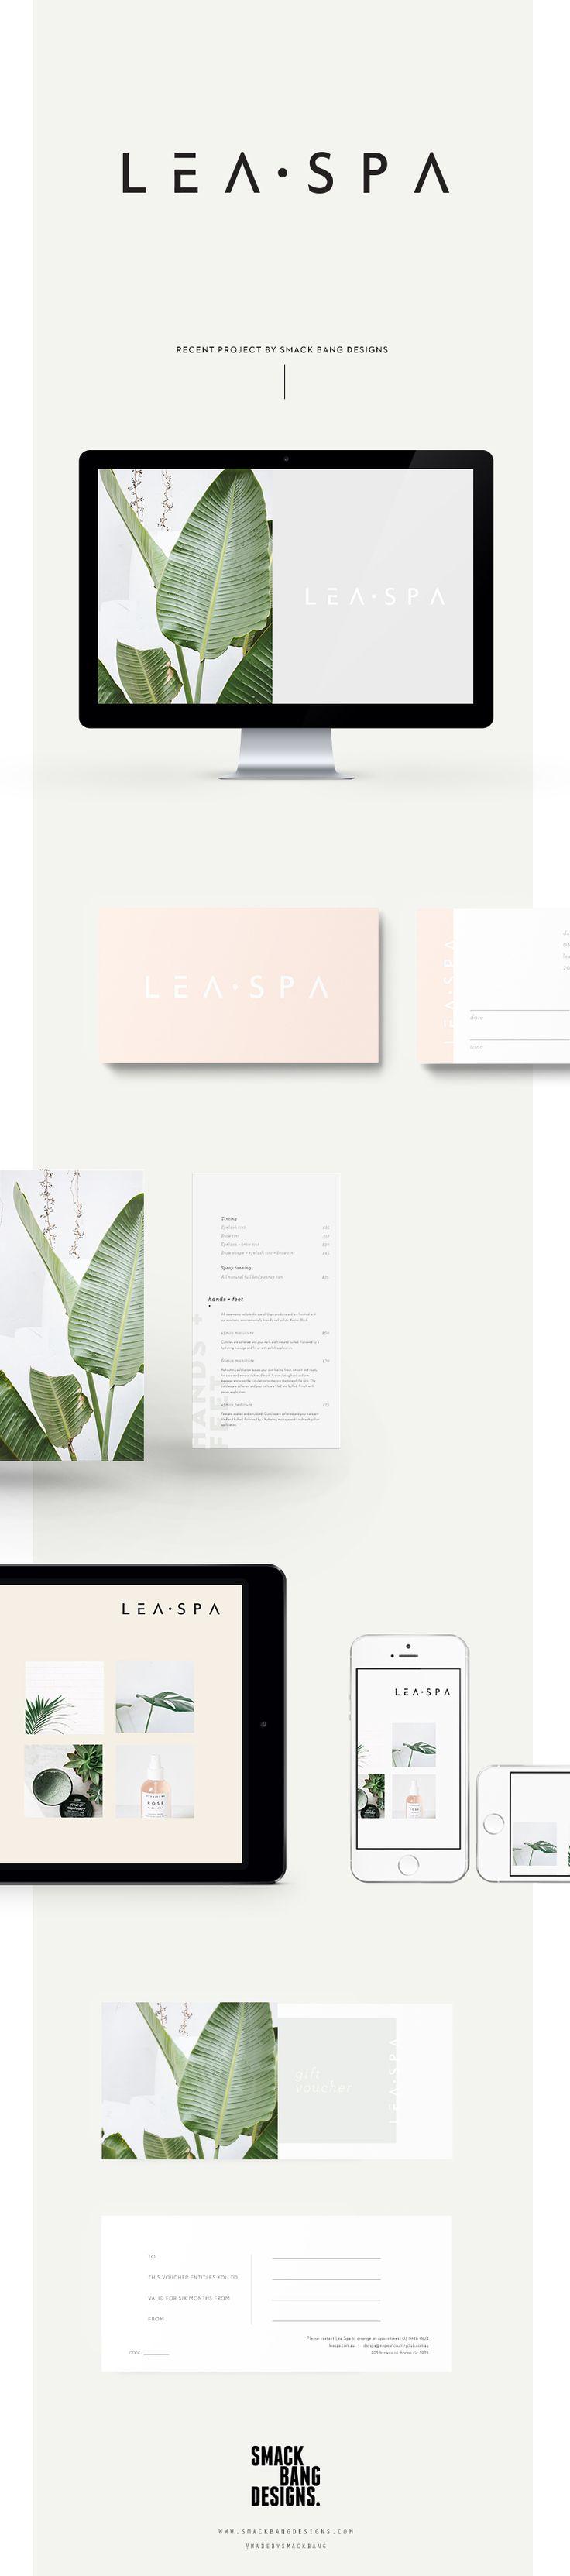 Lea Spa branding by Smack Bang Designs Inspiration de de mise en page pour présentation de projet